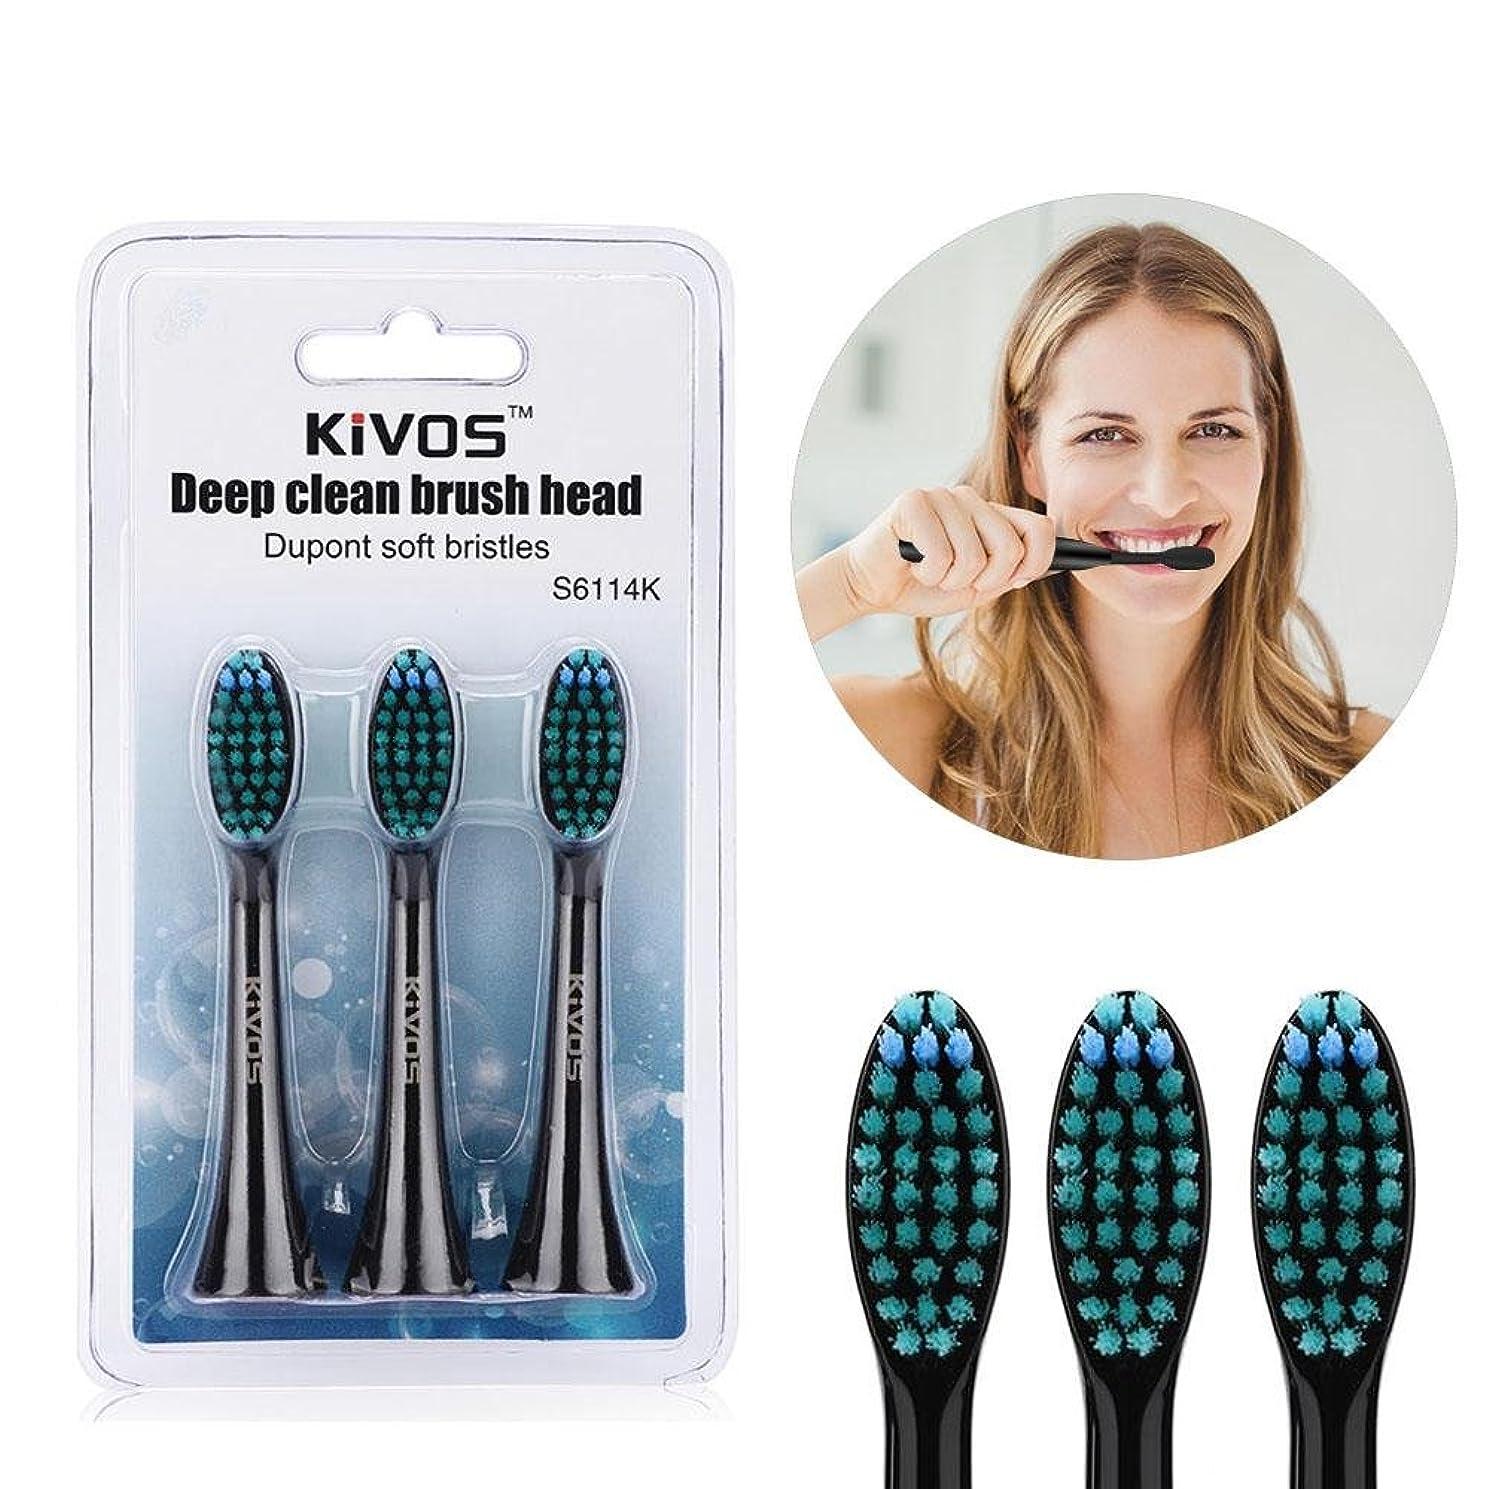 プロフェッショナルメロングラマー電動歯ブラシの頭部、子供旅行のための再充電可能な電動歯ブラシの頭部(Black Deep)